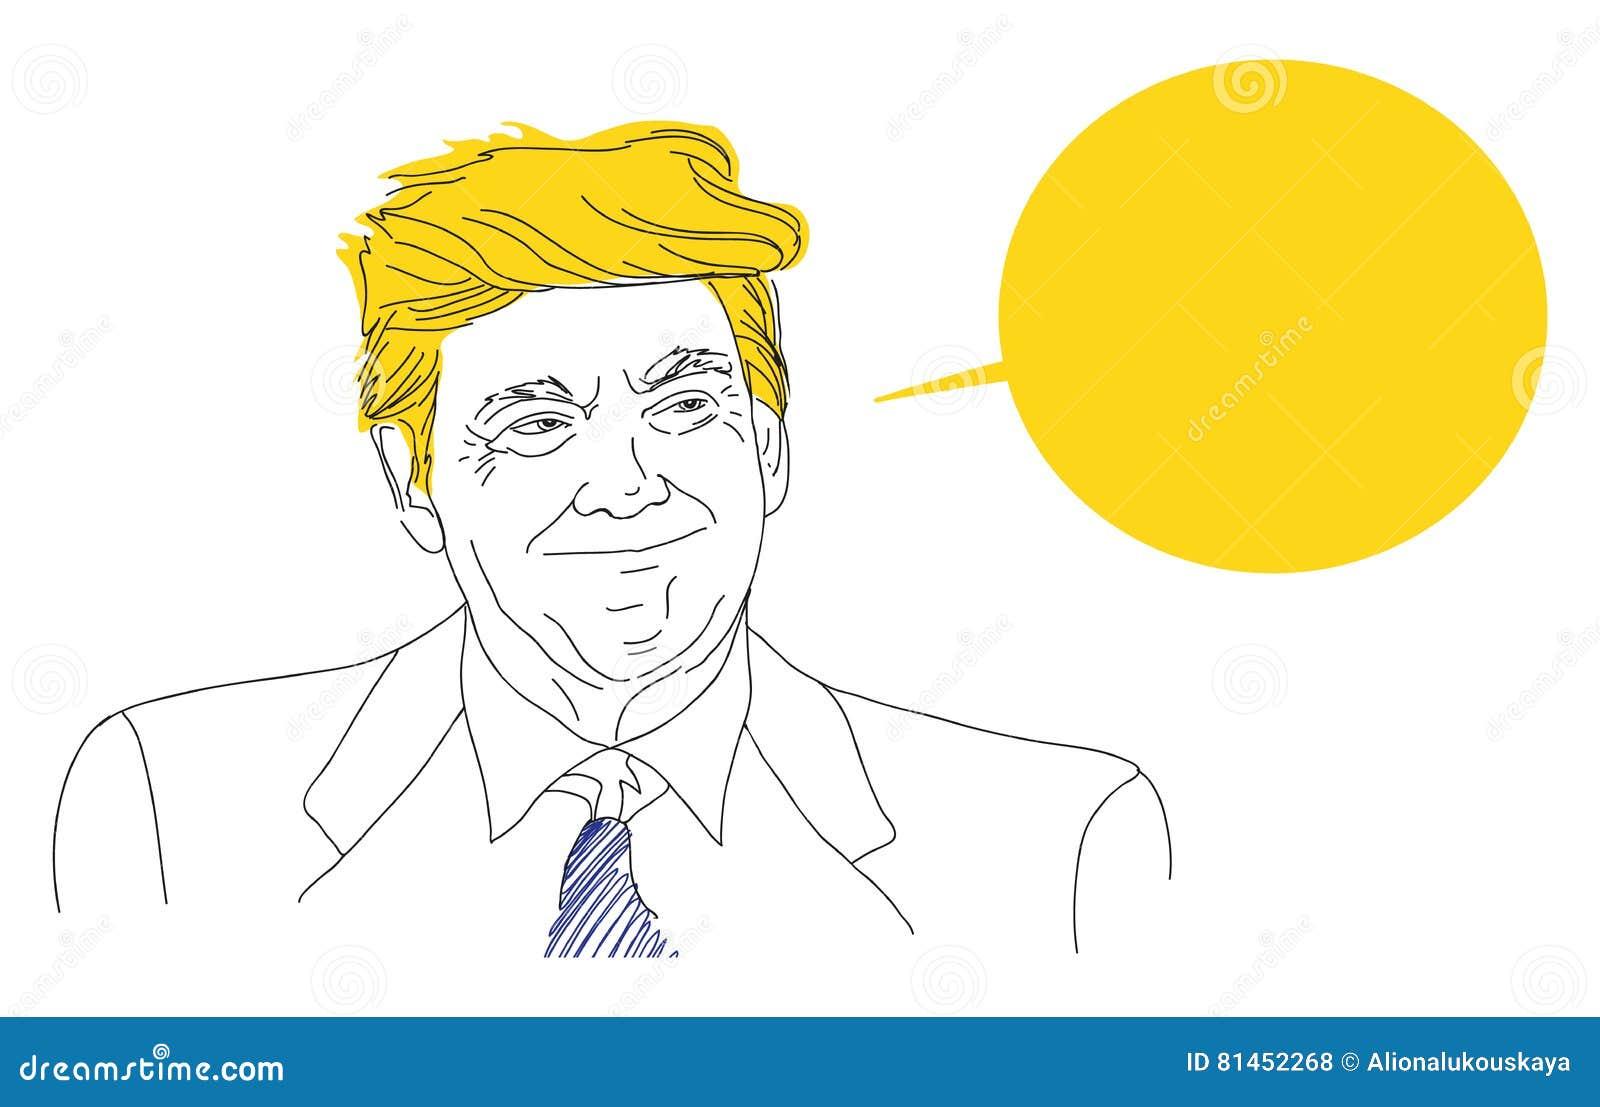 Vector el retrato de Donald Trump sonriente, bosquejo, discurso, burbuja, mano dibujada, línea de la lata, las elecciones preside